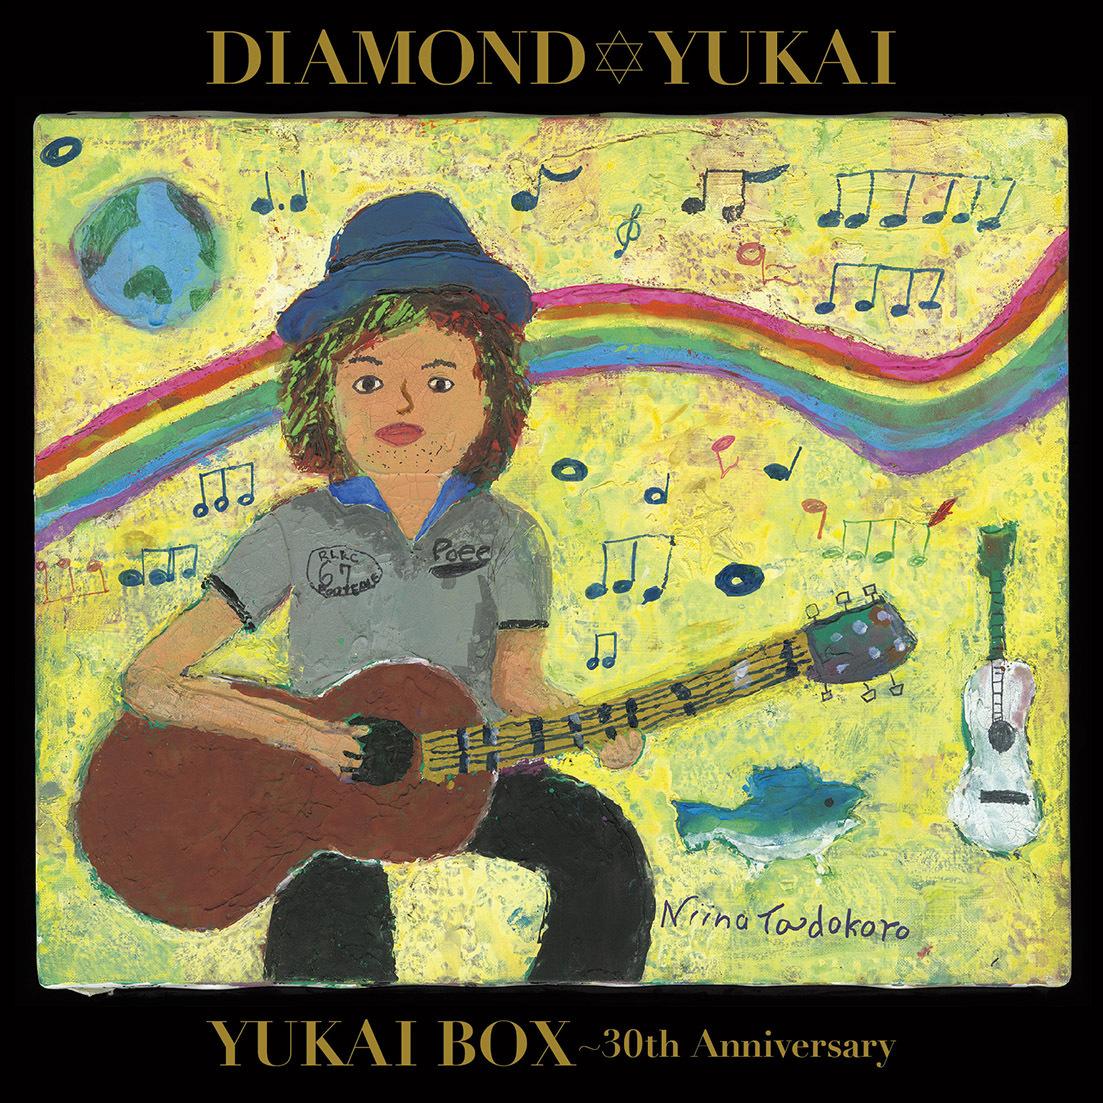 『YUKAI BOX~30th Anniversary』